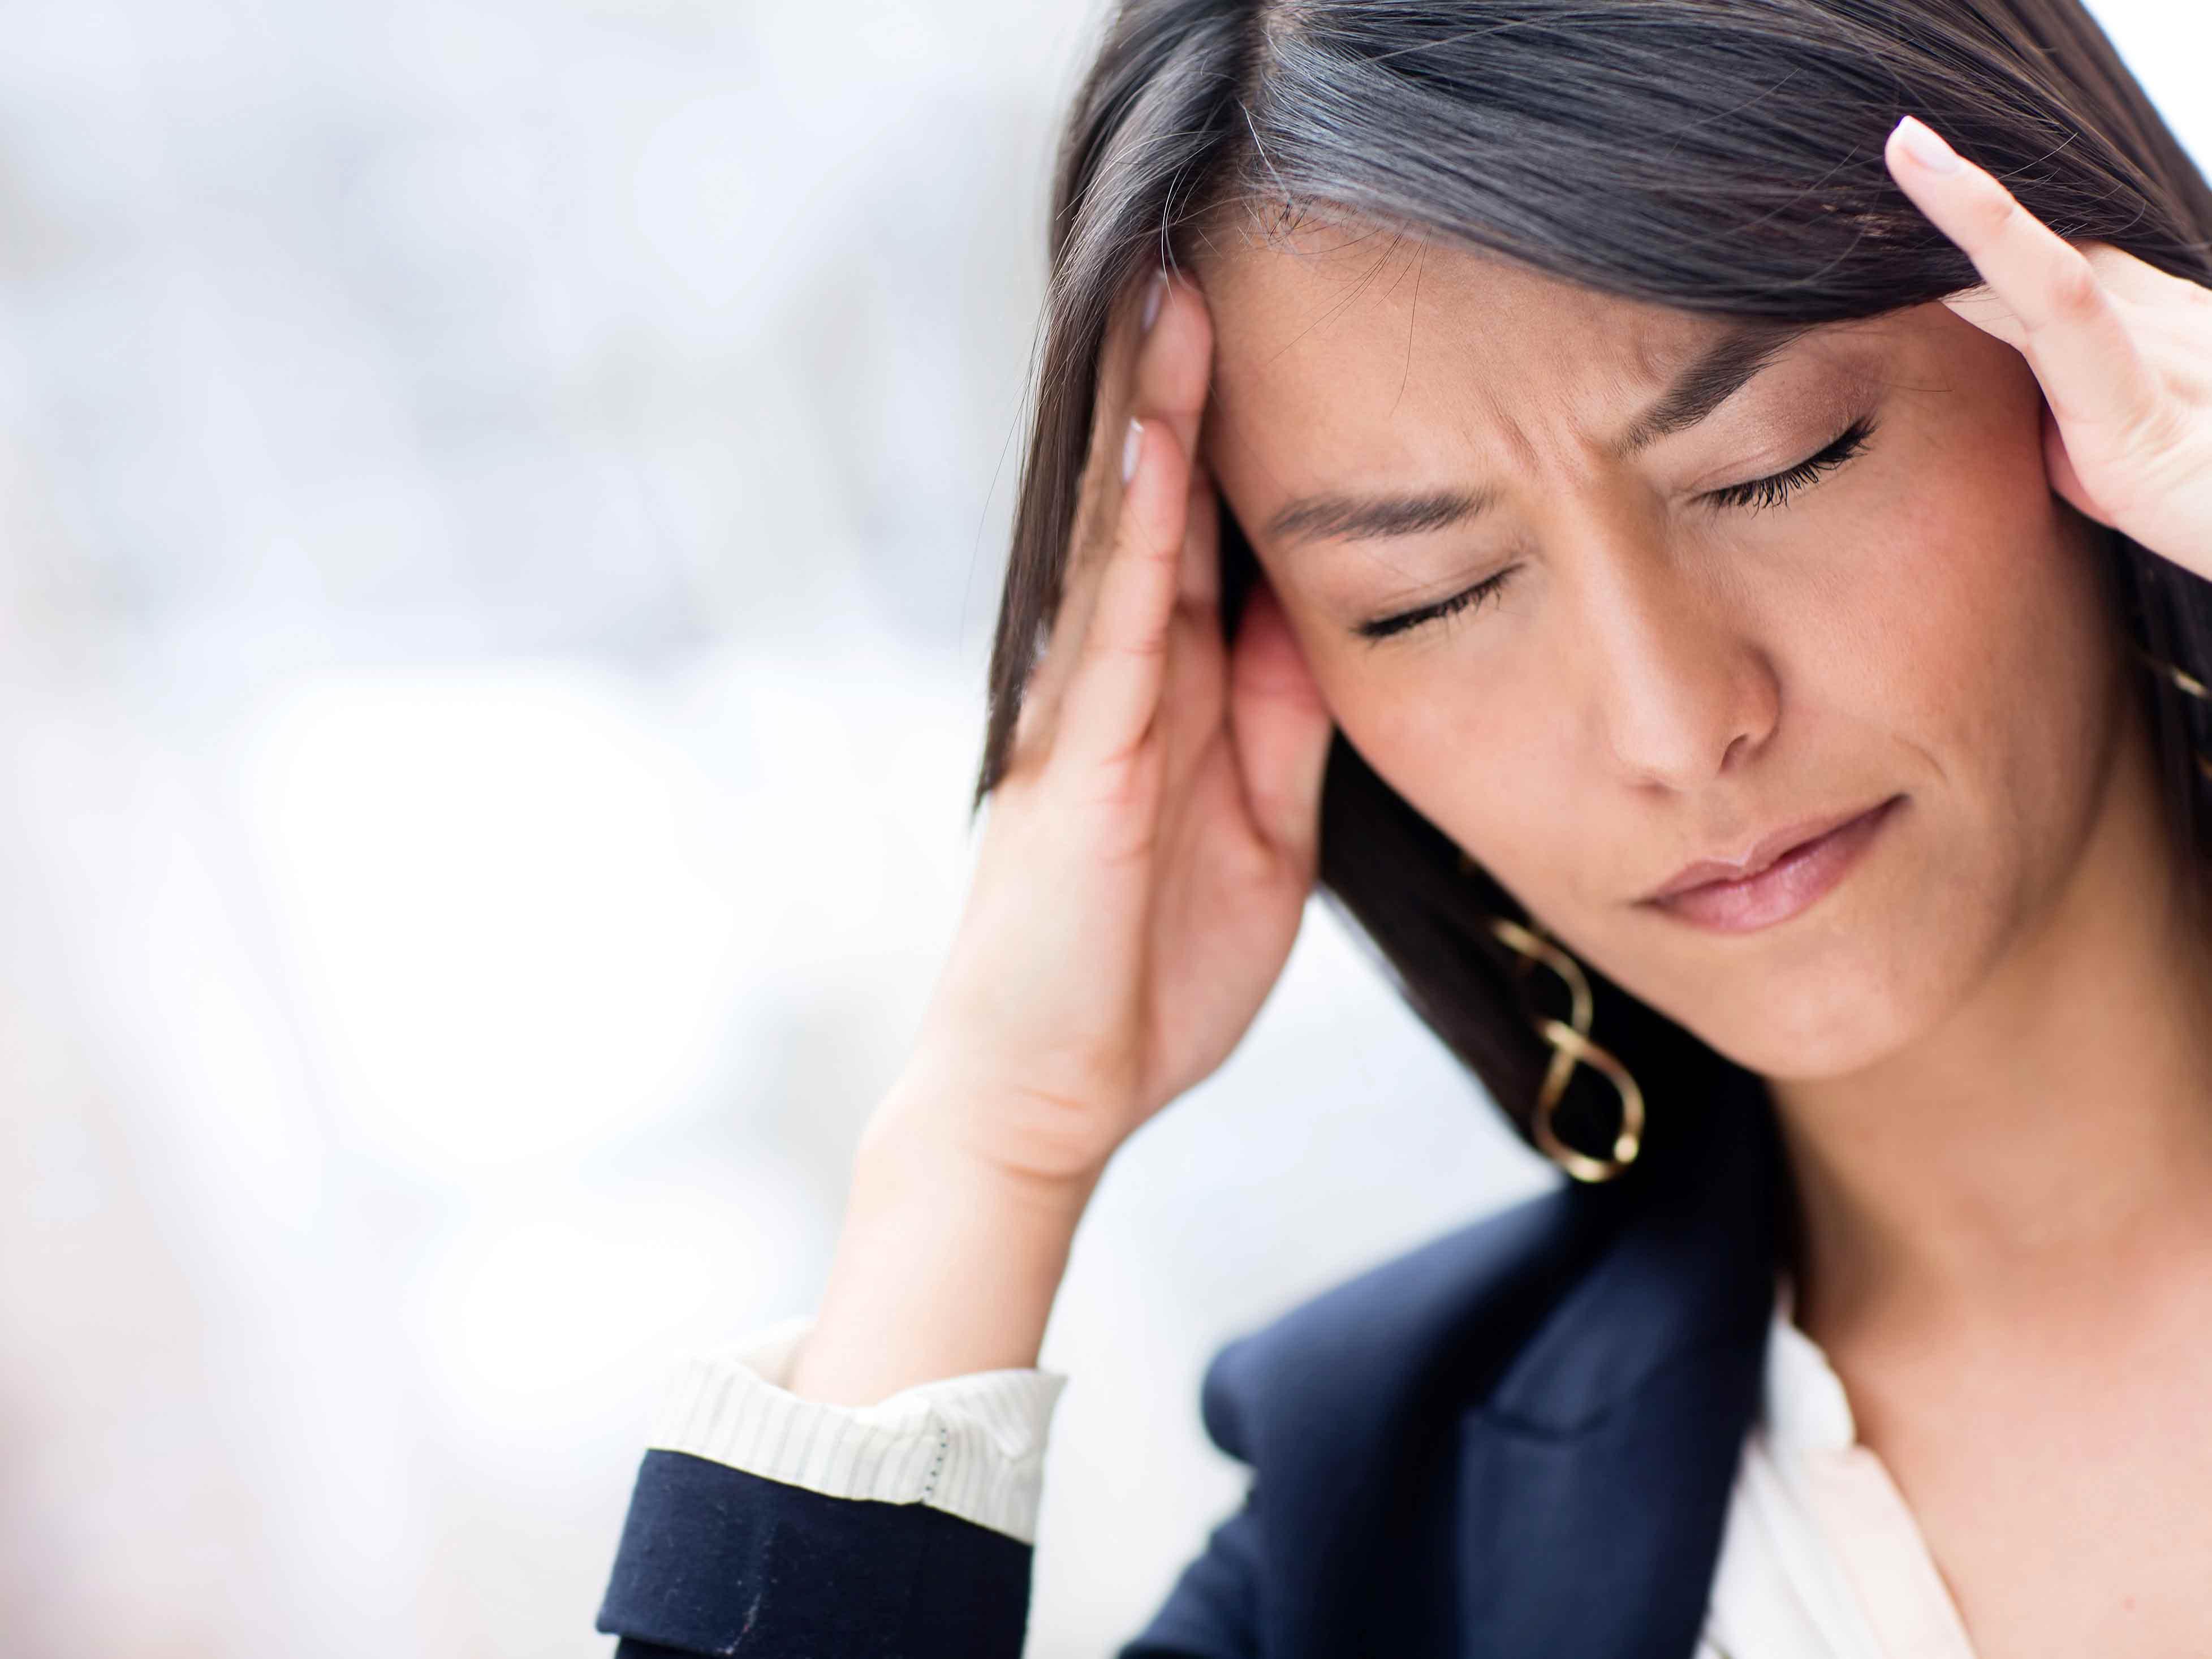 علت سرگیجه در دوران قاعدگی چیست؟